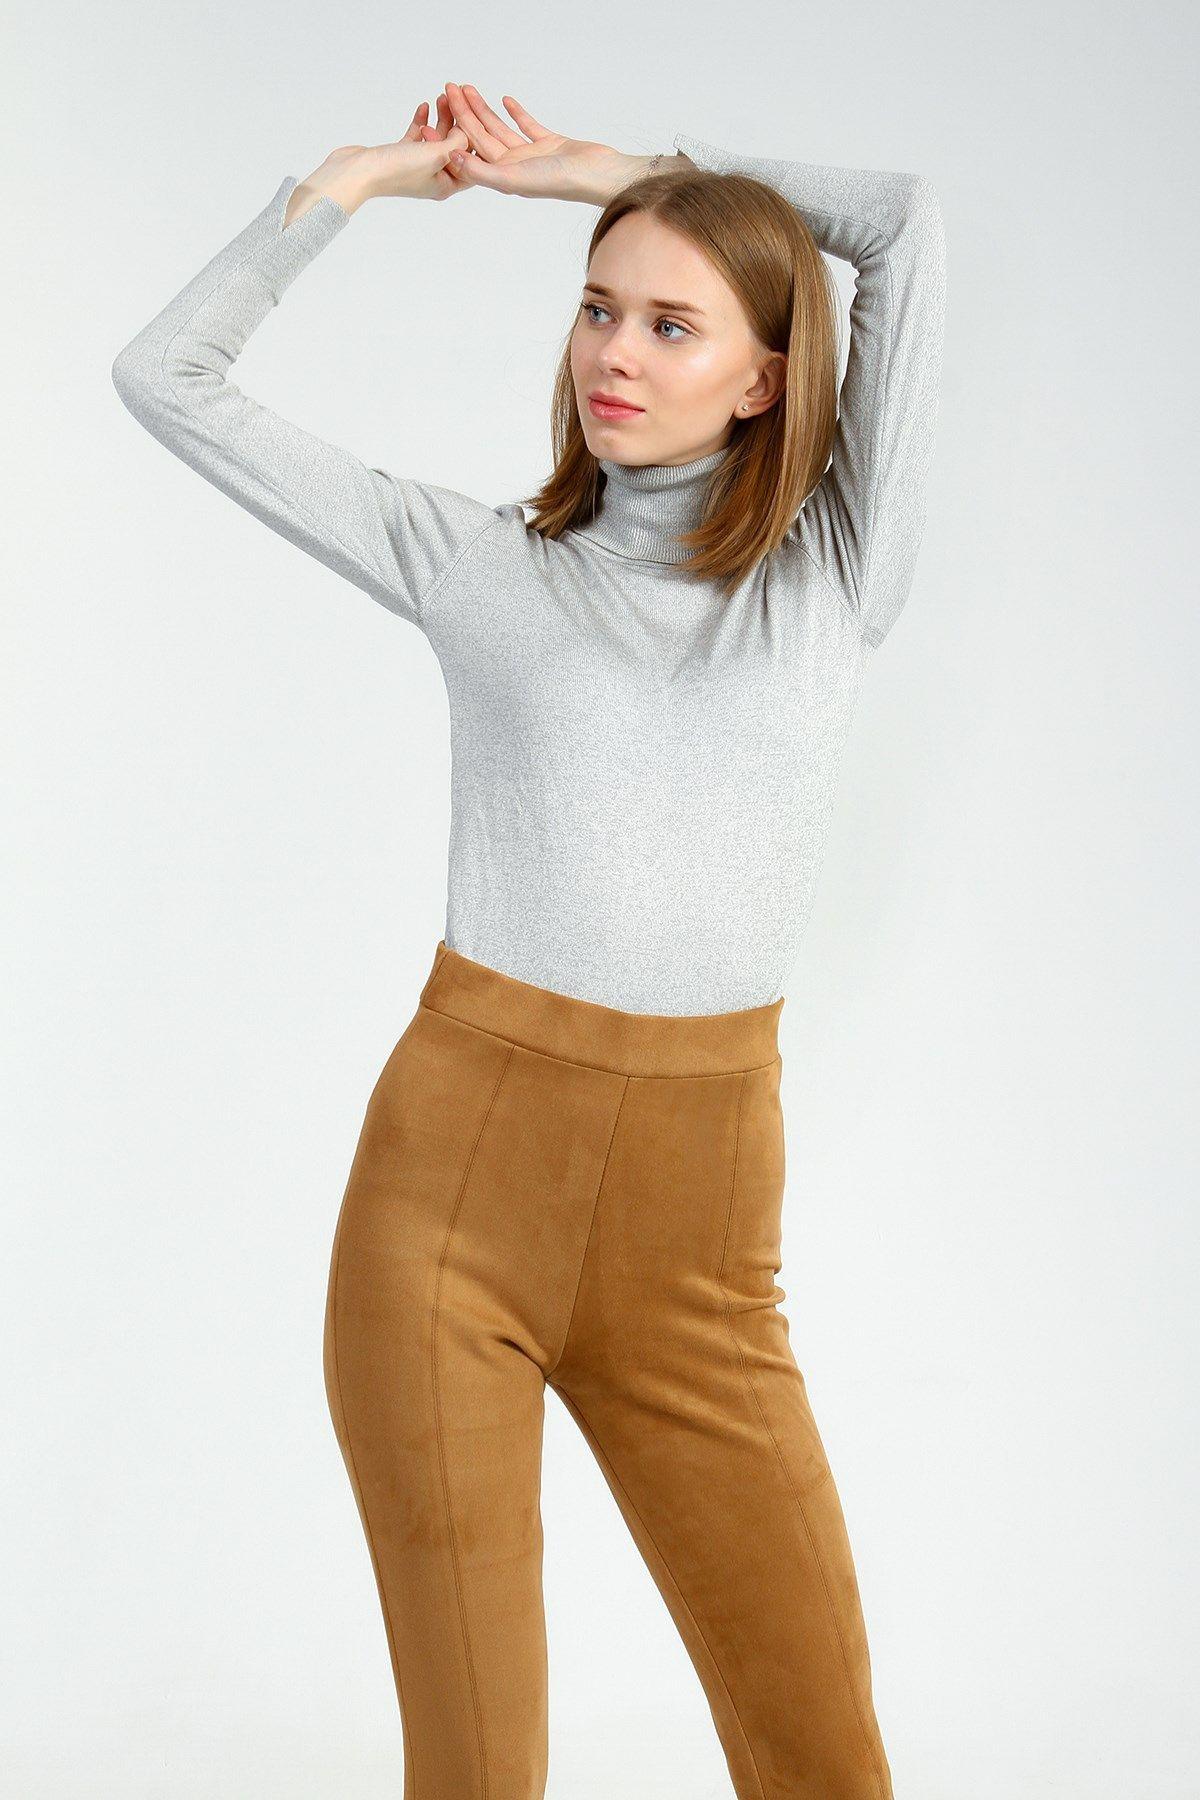 Kadin Grimelanj Slim Bogazli Kazak Triko Kazak Triko Kazak Modelleri Kad 2020 Moda Stilleri Kadin Moda